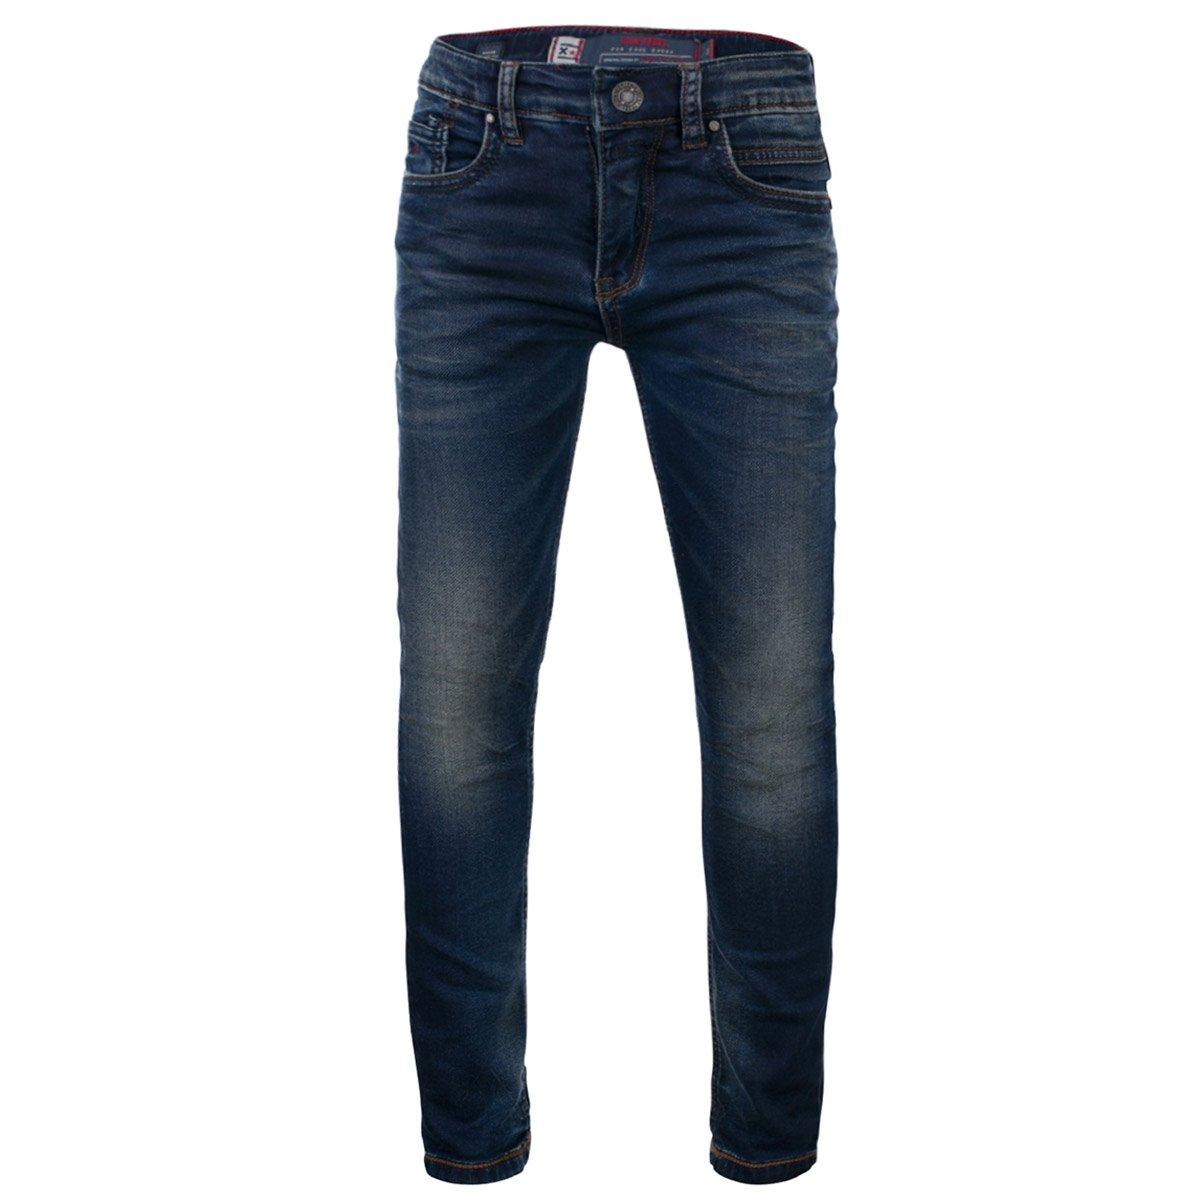 Super Stretch Blue Rebel Jungen Jeans MINOR Comfy Skinny Fit